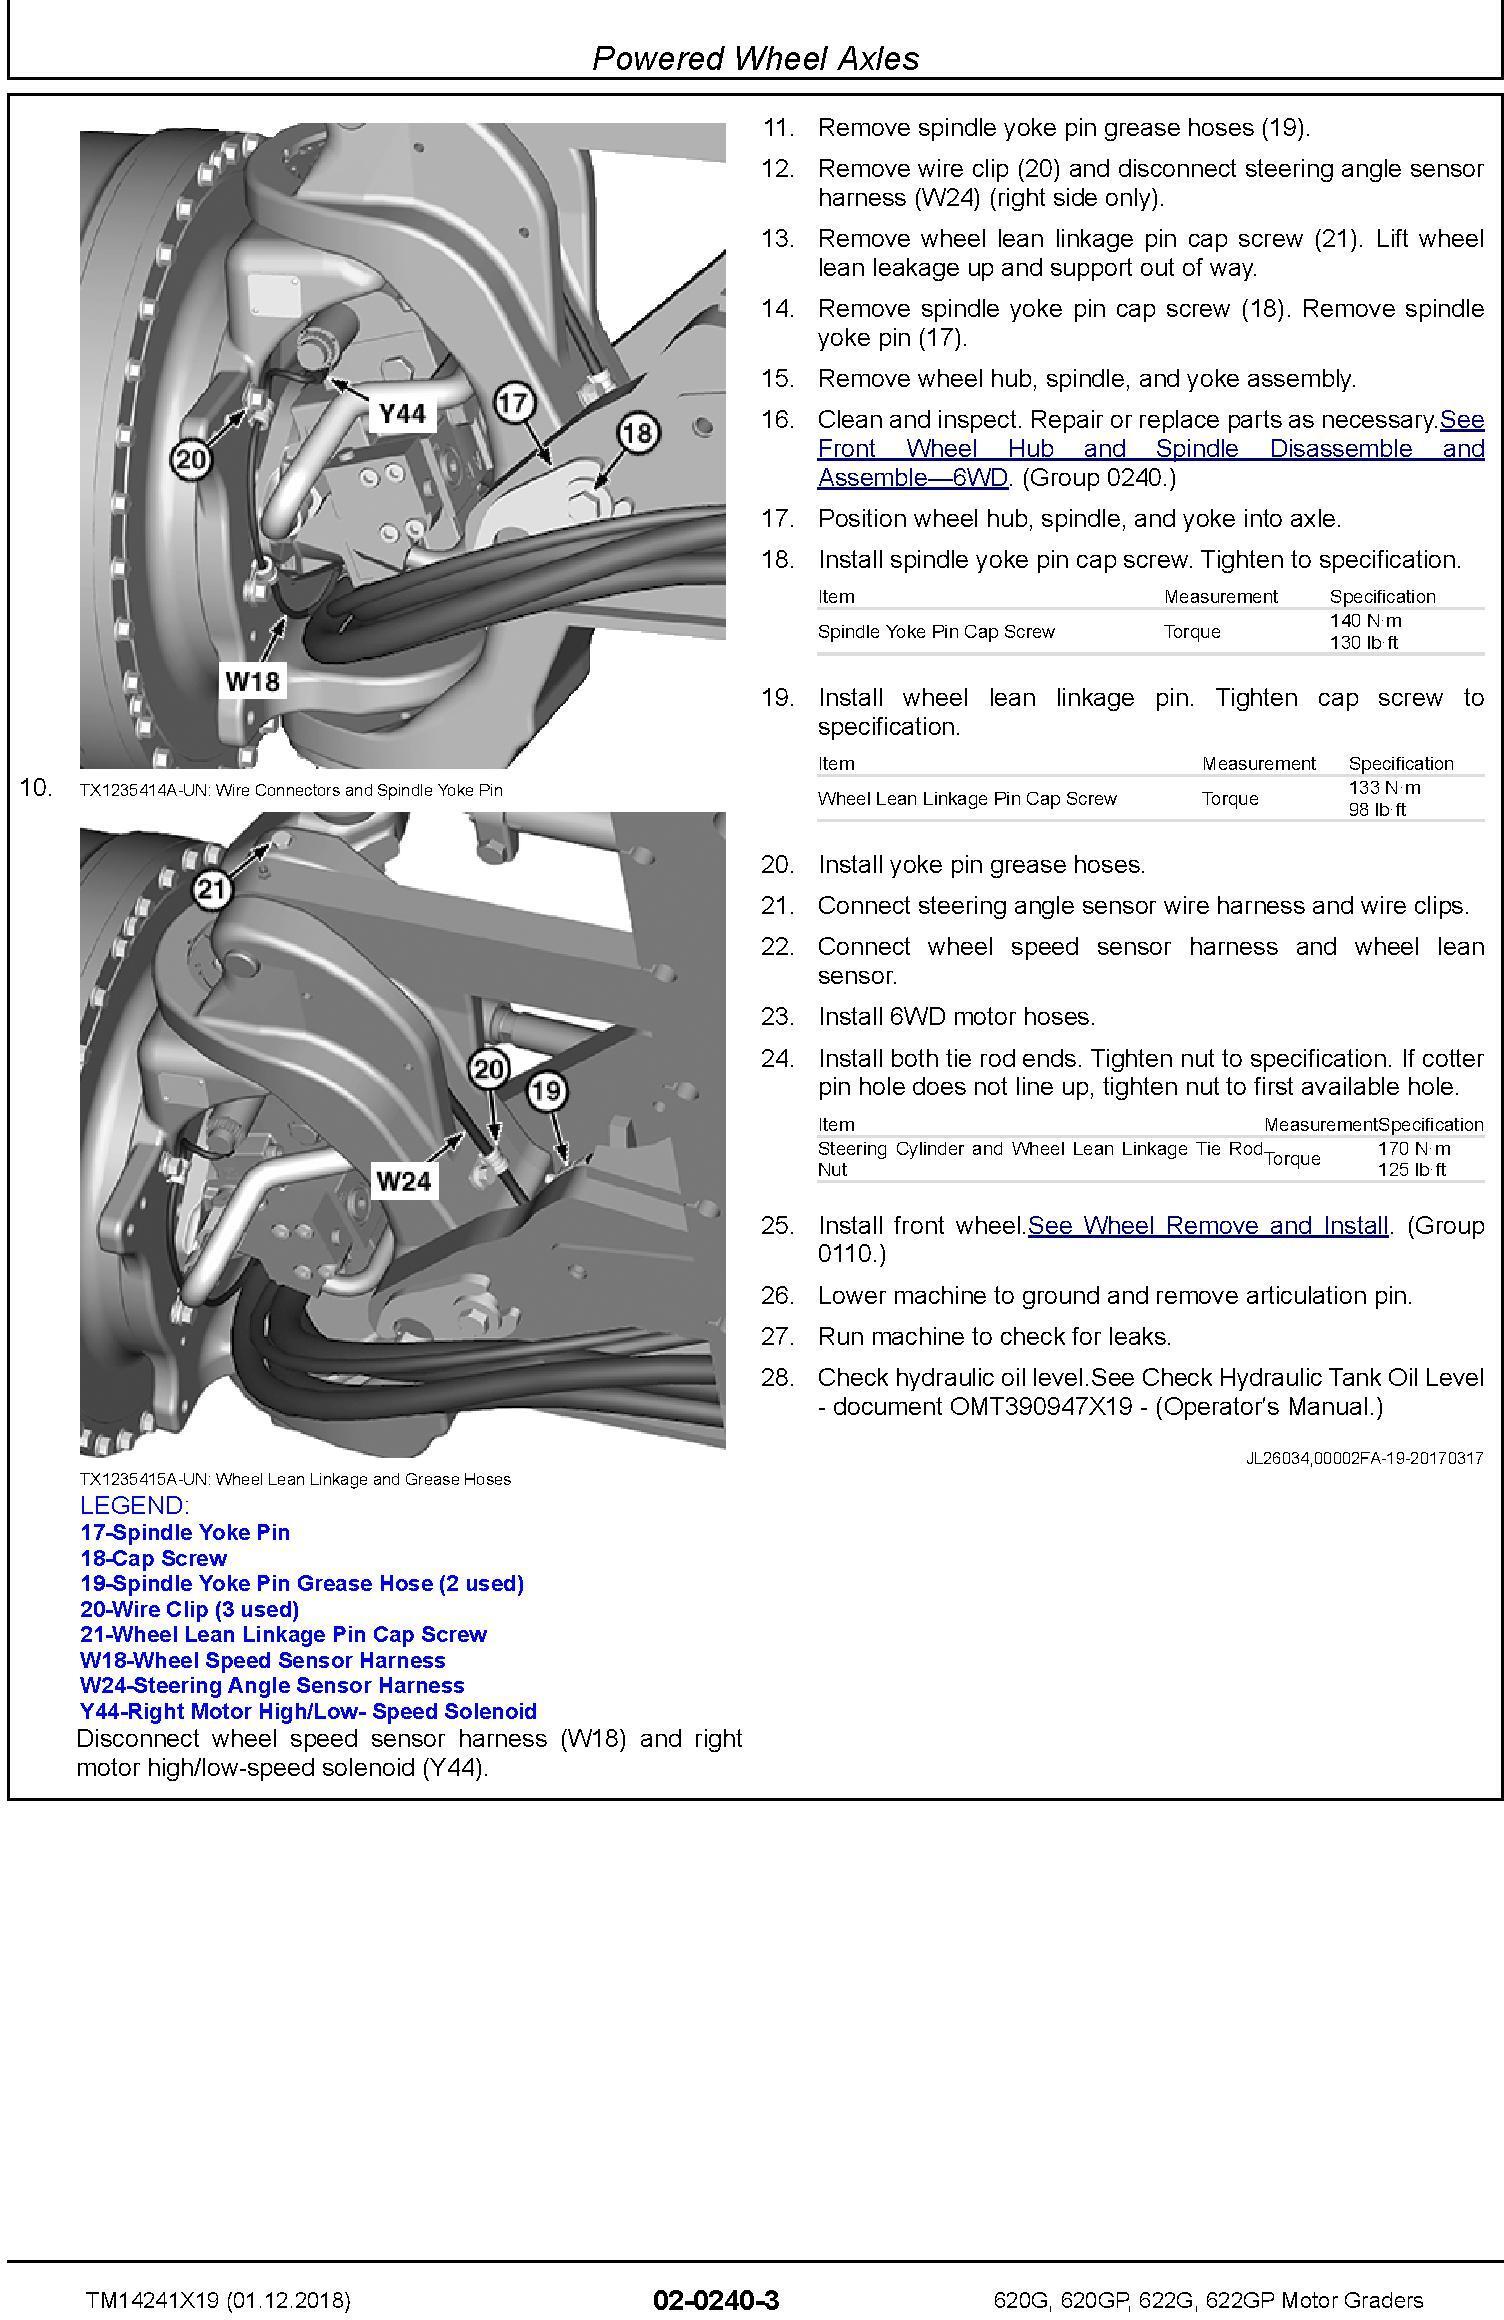 John Deere 620G, 620GP, 622G, 622GP (SN.F680878-,L700954